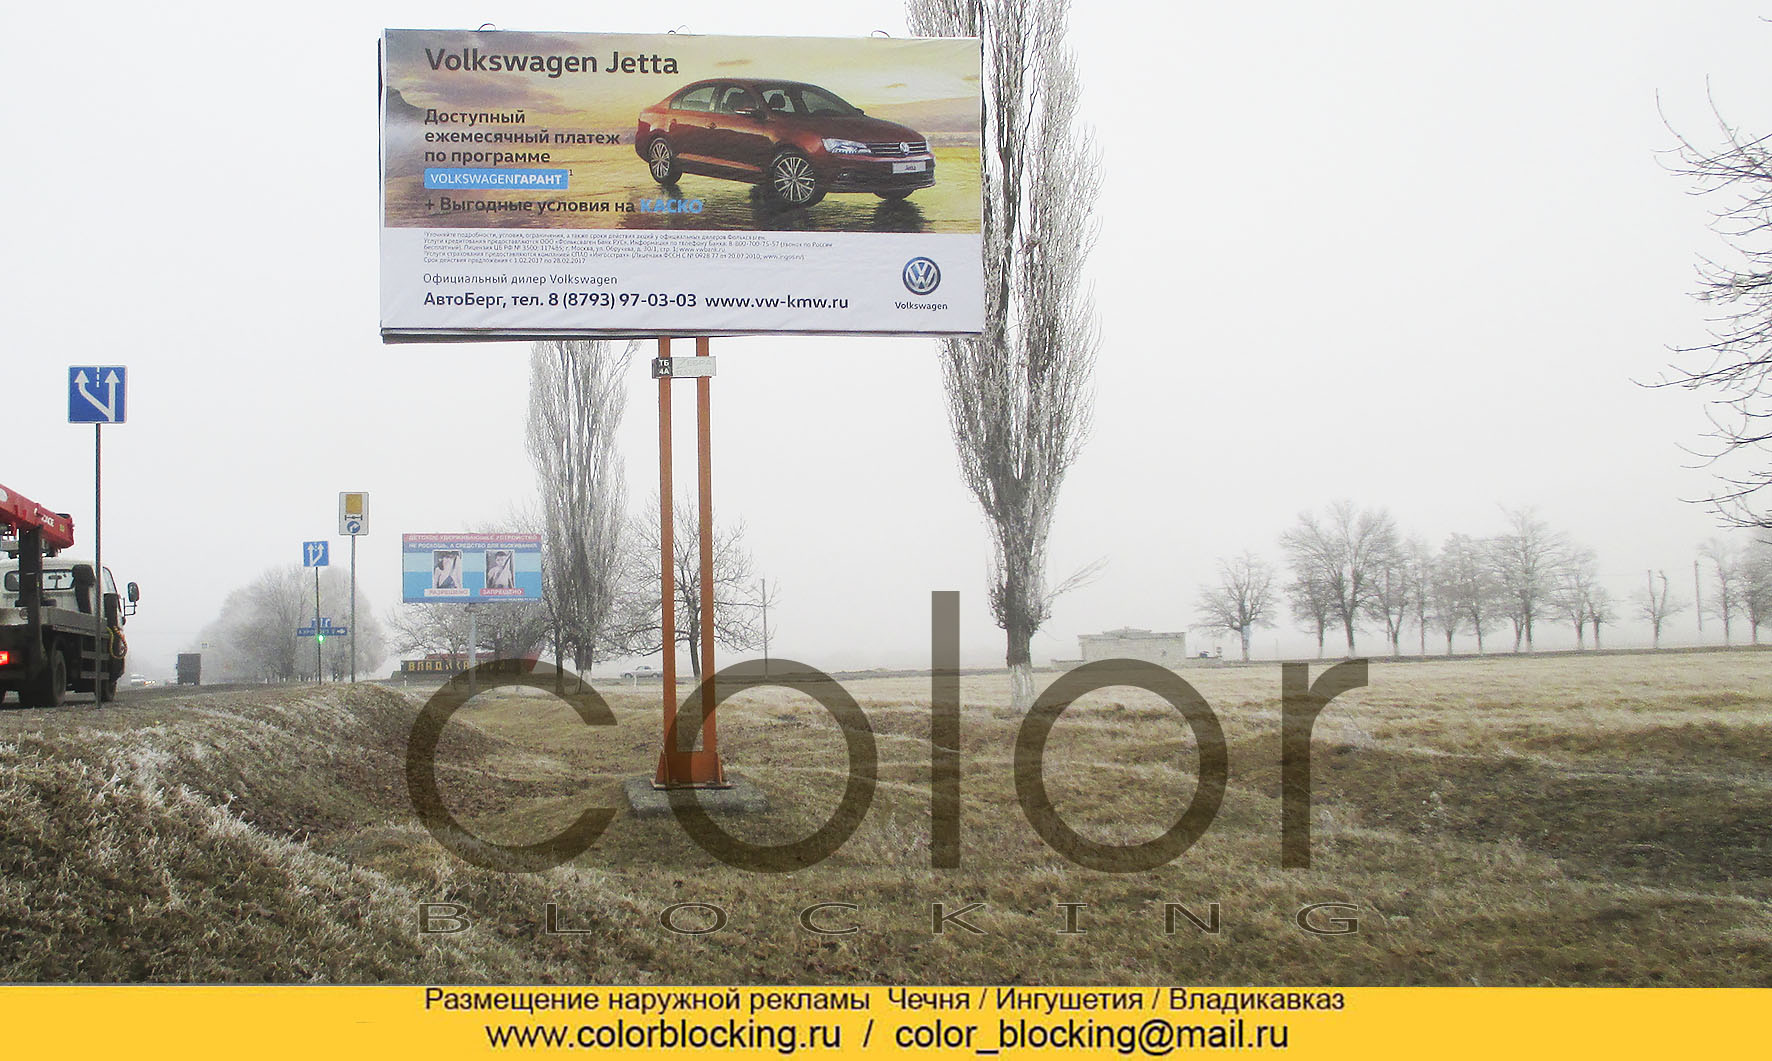 Реклама наружная в Грозном и РСО-Алания